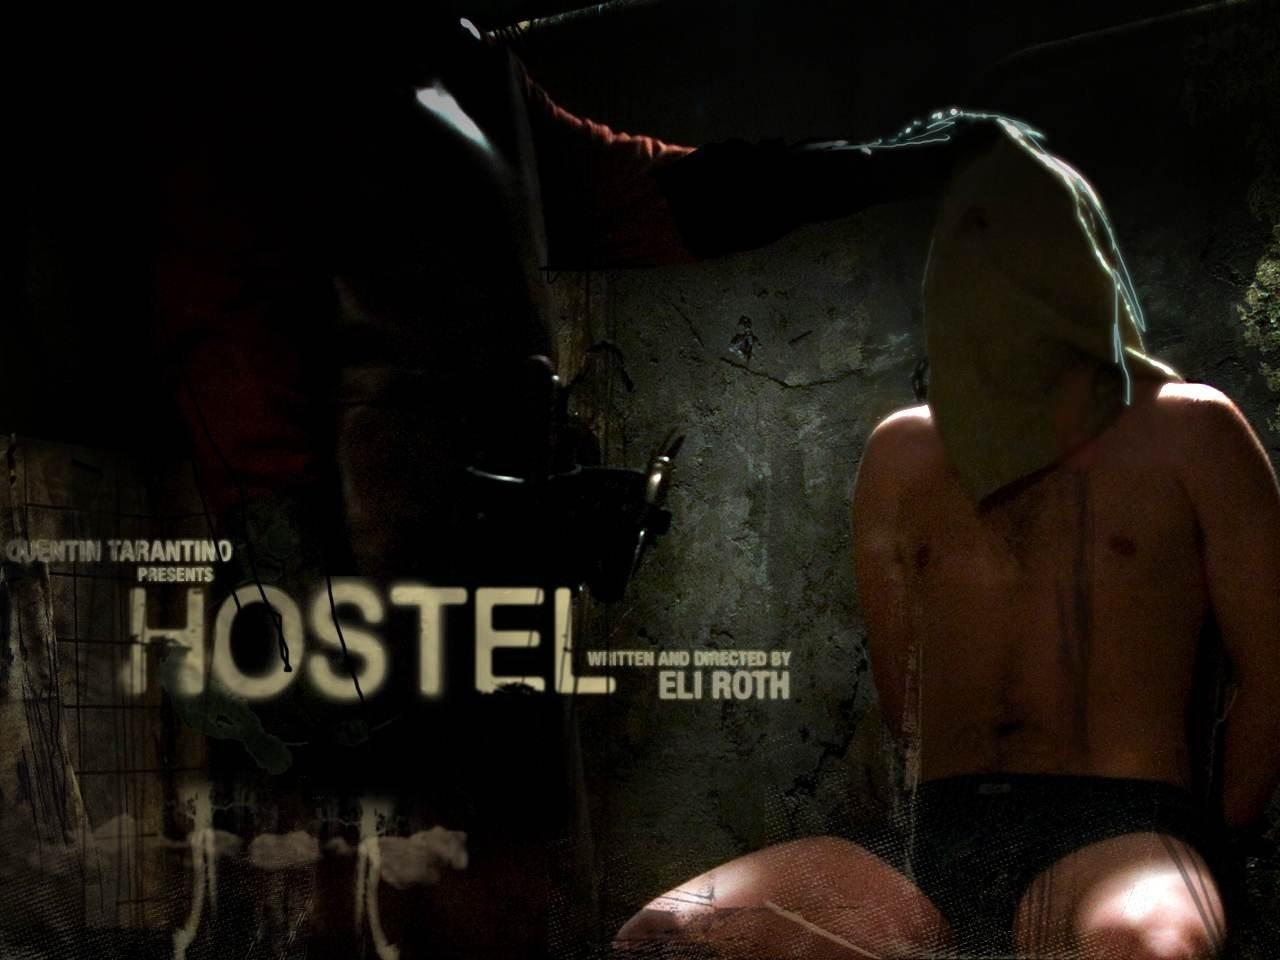 Wallpaper del film Hostel (2005)